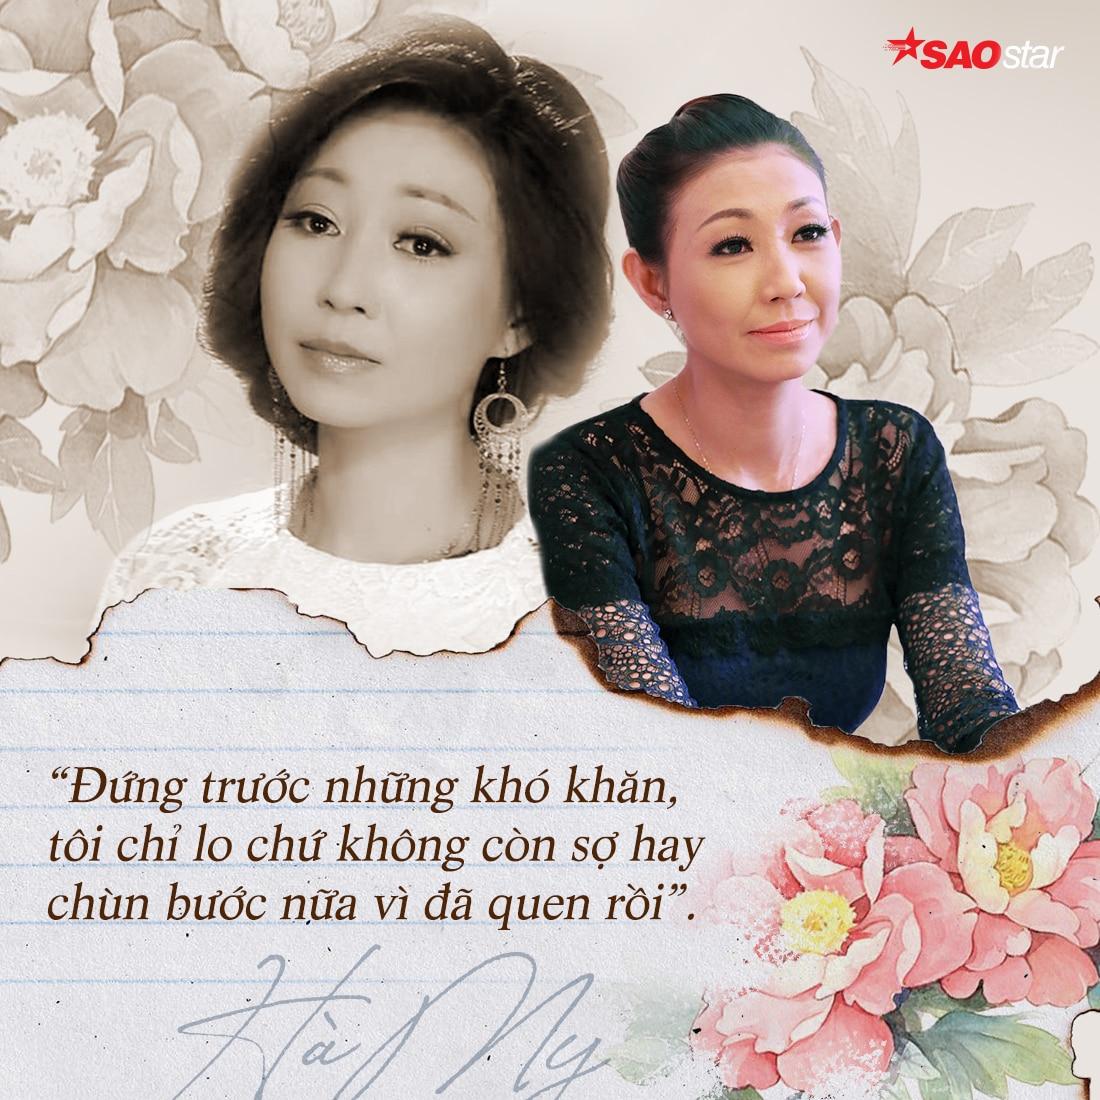 Ca sĩ Hà My: Tôi sẽ không lấy ai khác ngoài Hoài Linh - Hình 6